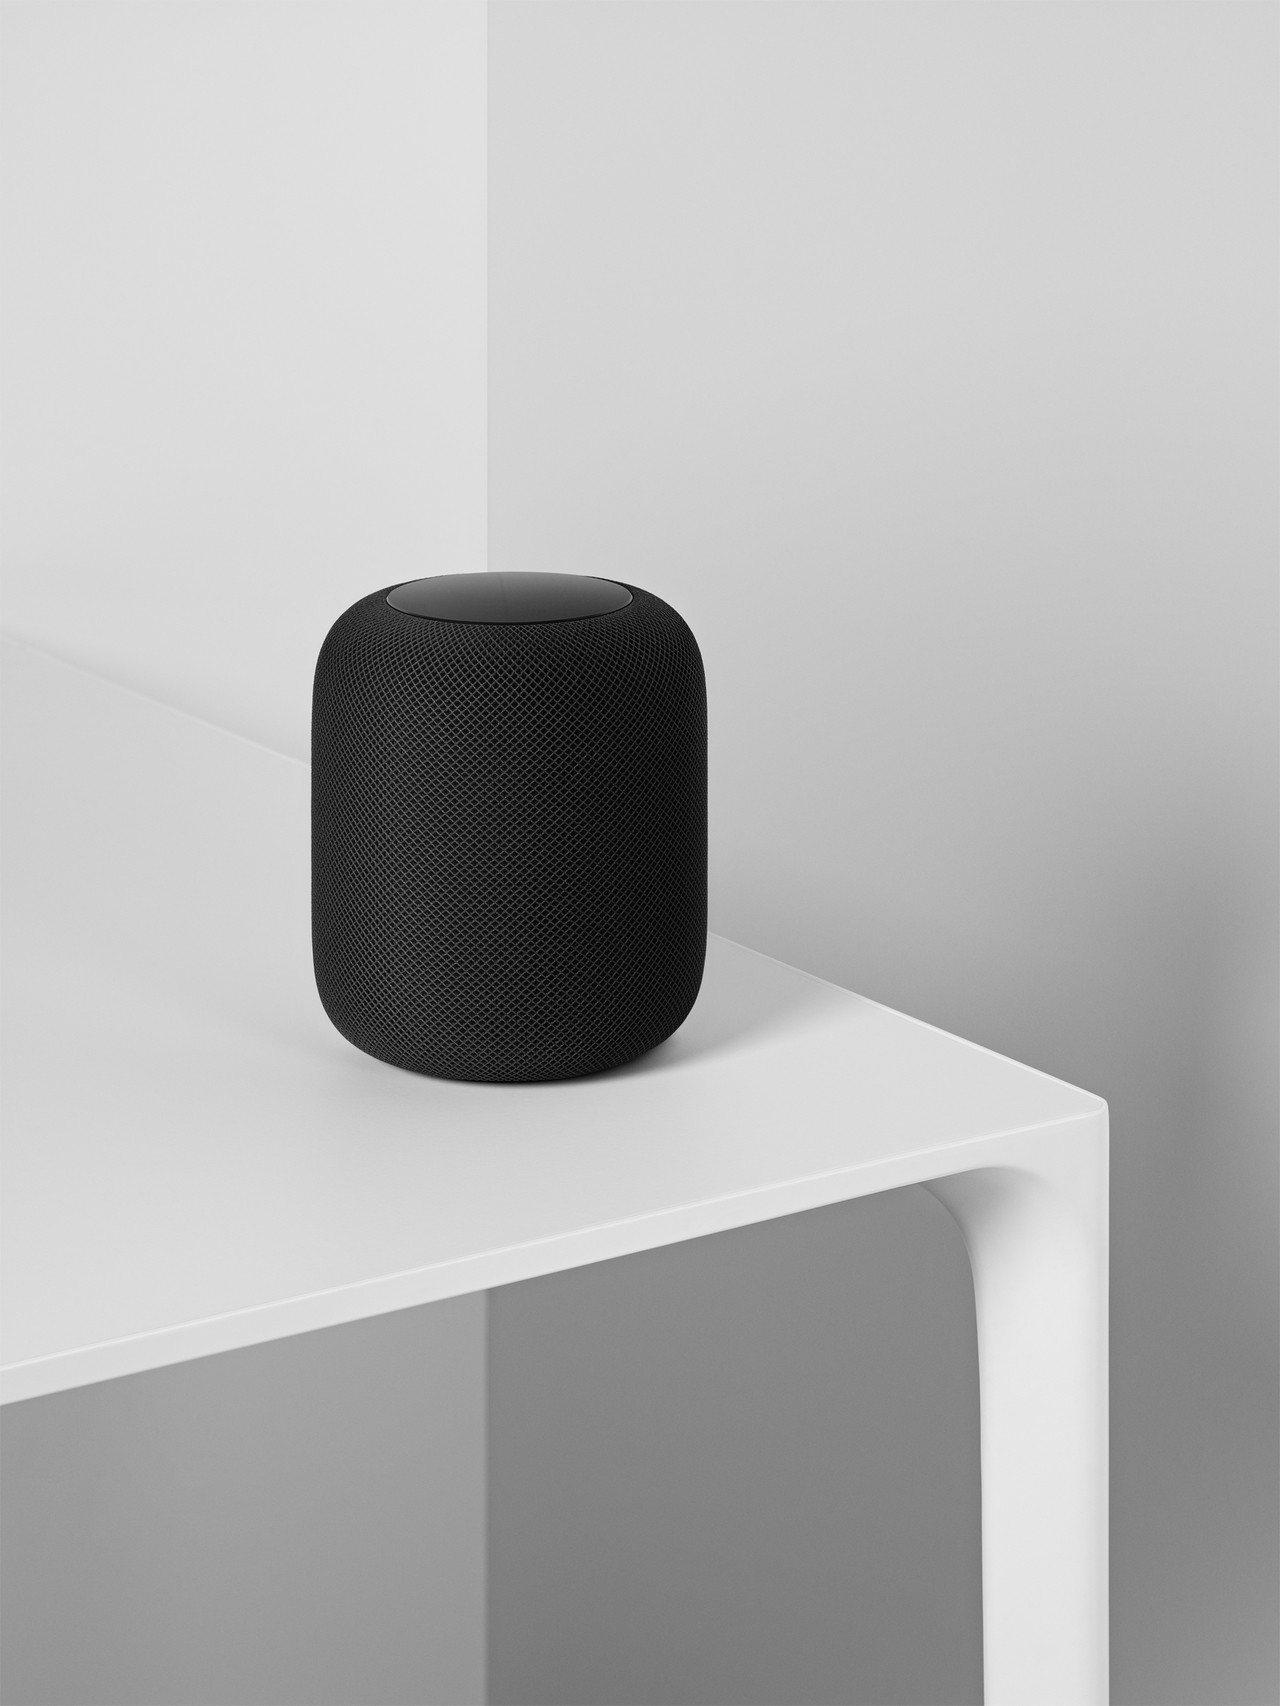 除了豐富的智慧功能,HomePod同時能提供絕佳的聆聽體驗。圖/蘋果提供